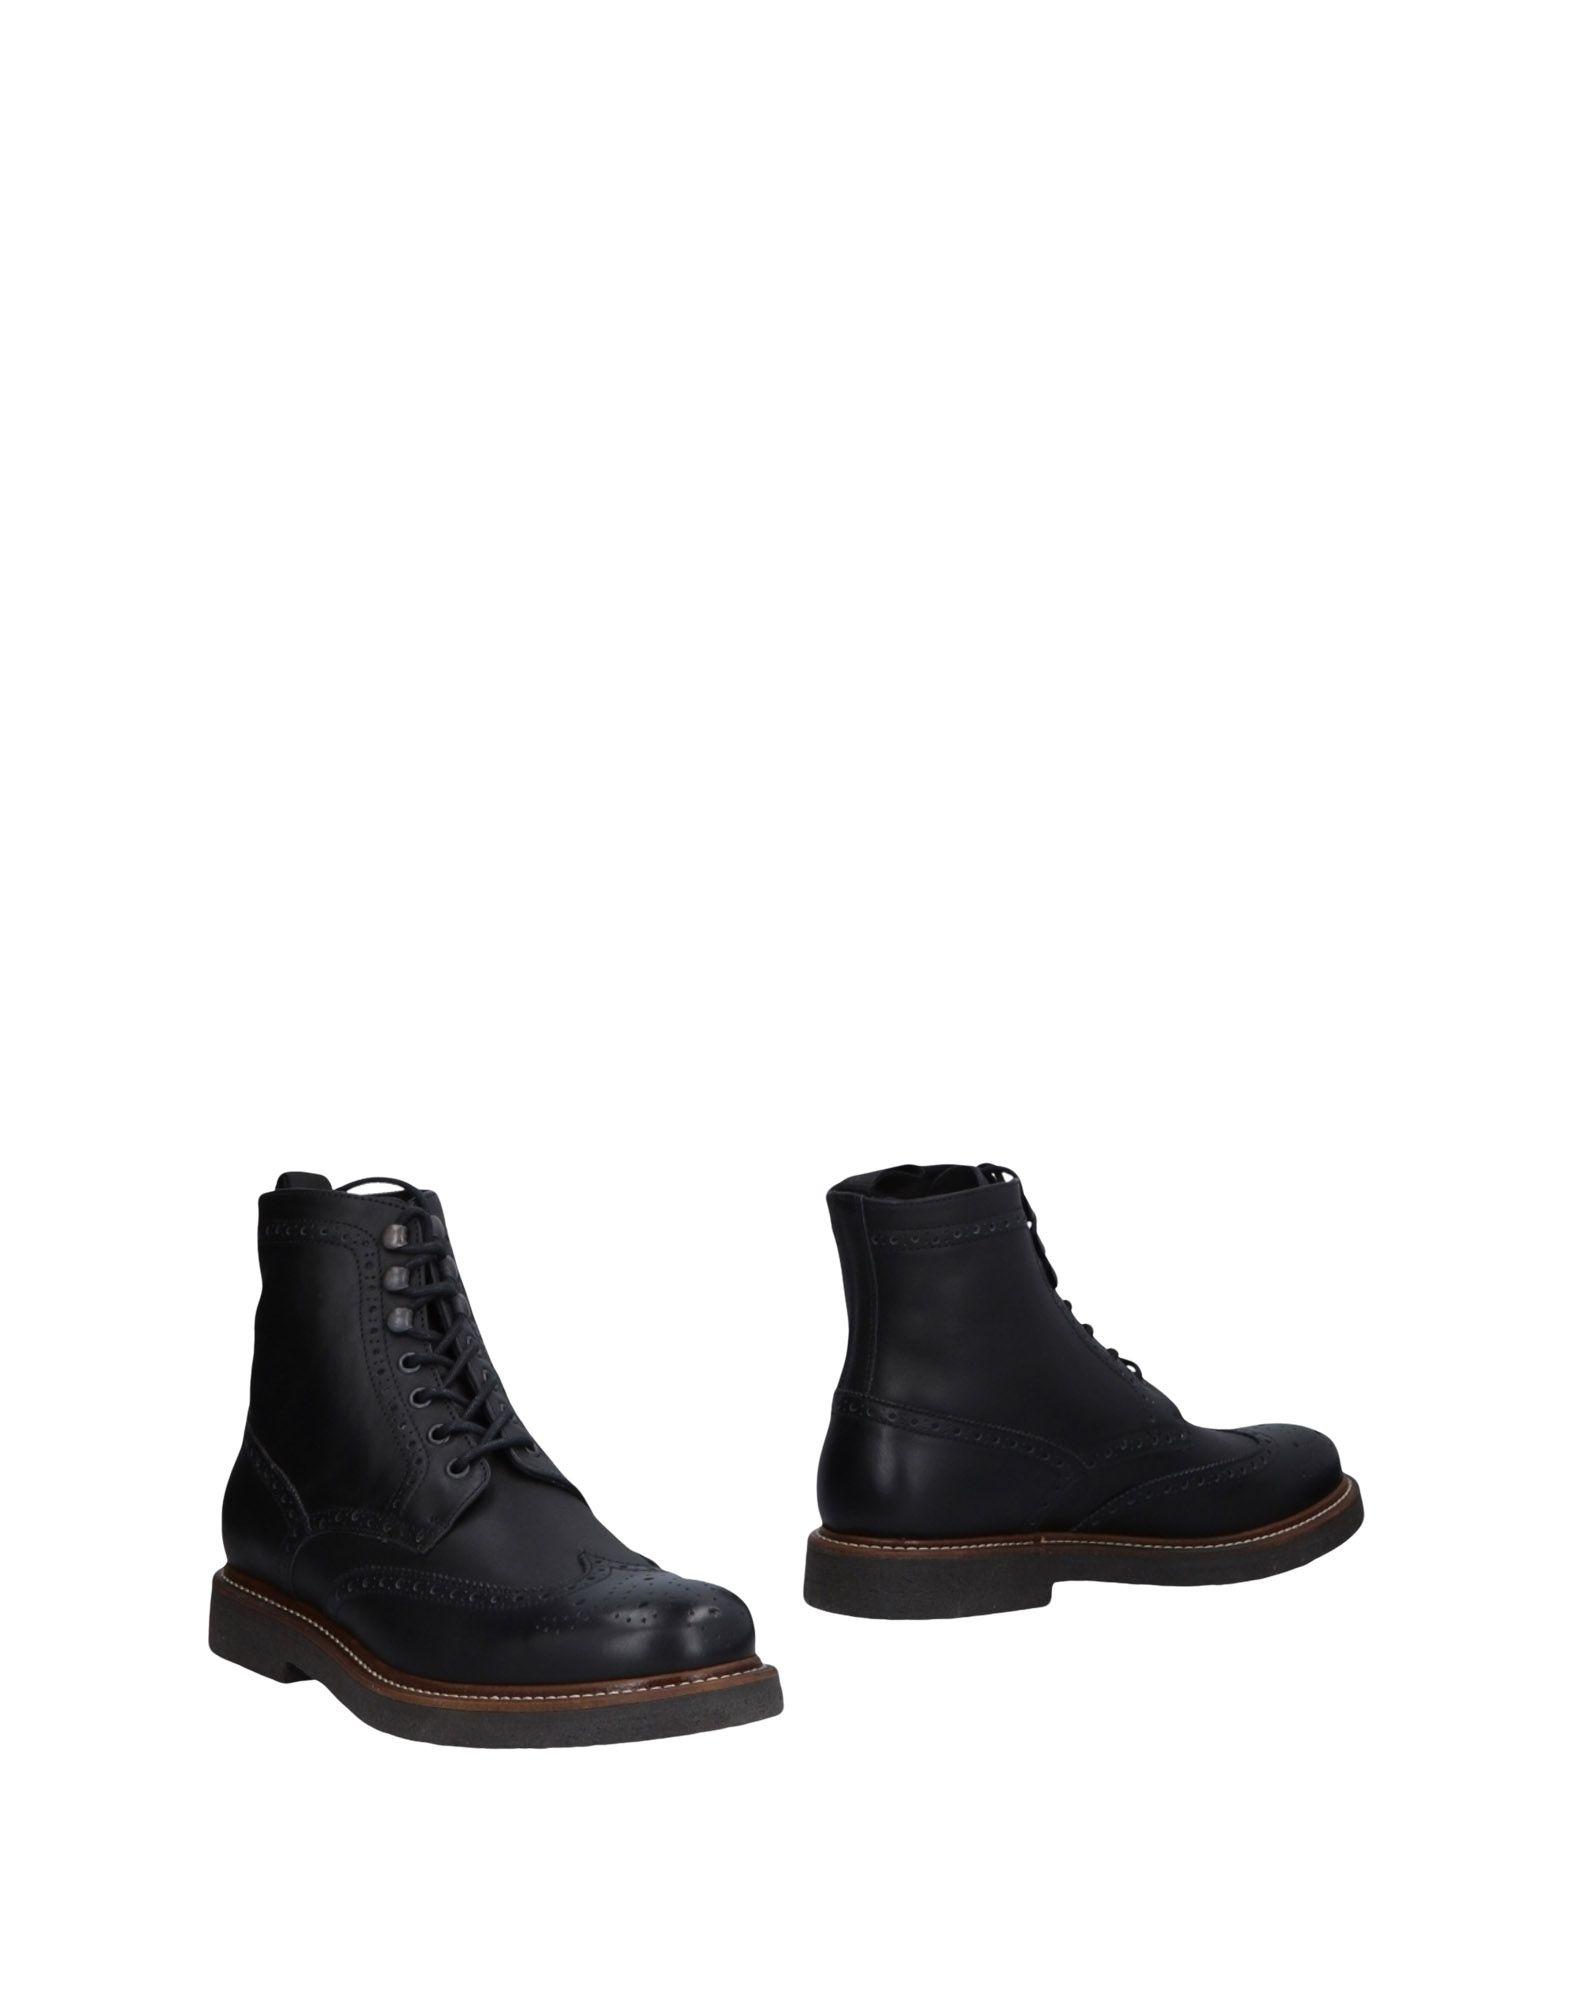 Haltbare Mode billige Schuhe Soldini Stiefelette Herren  11467576IG Heiße Schuhe